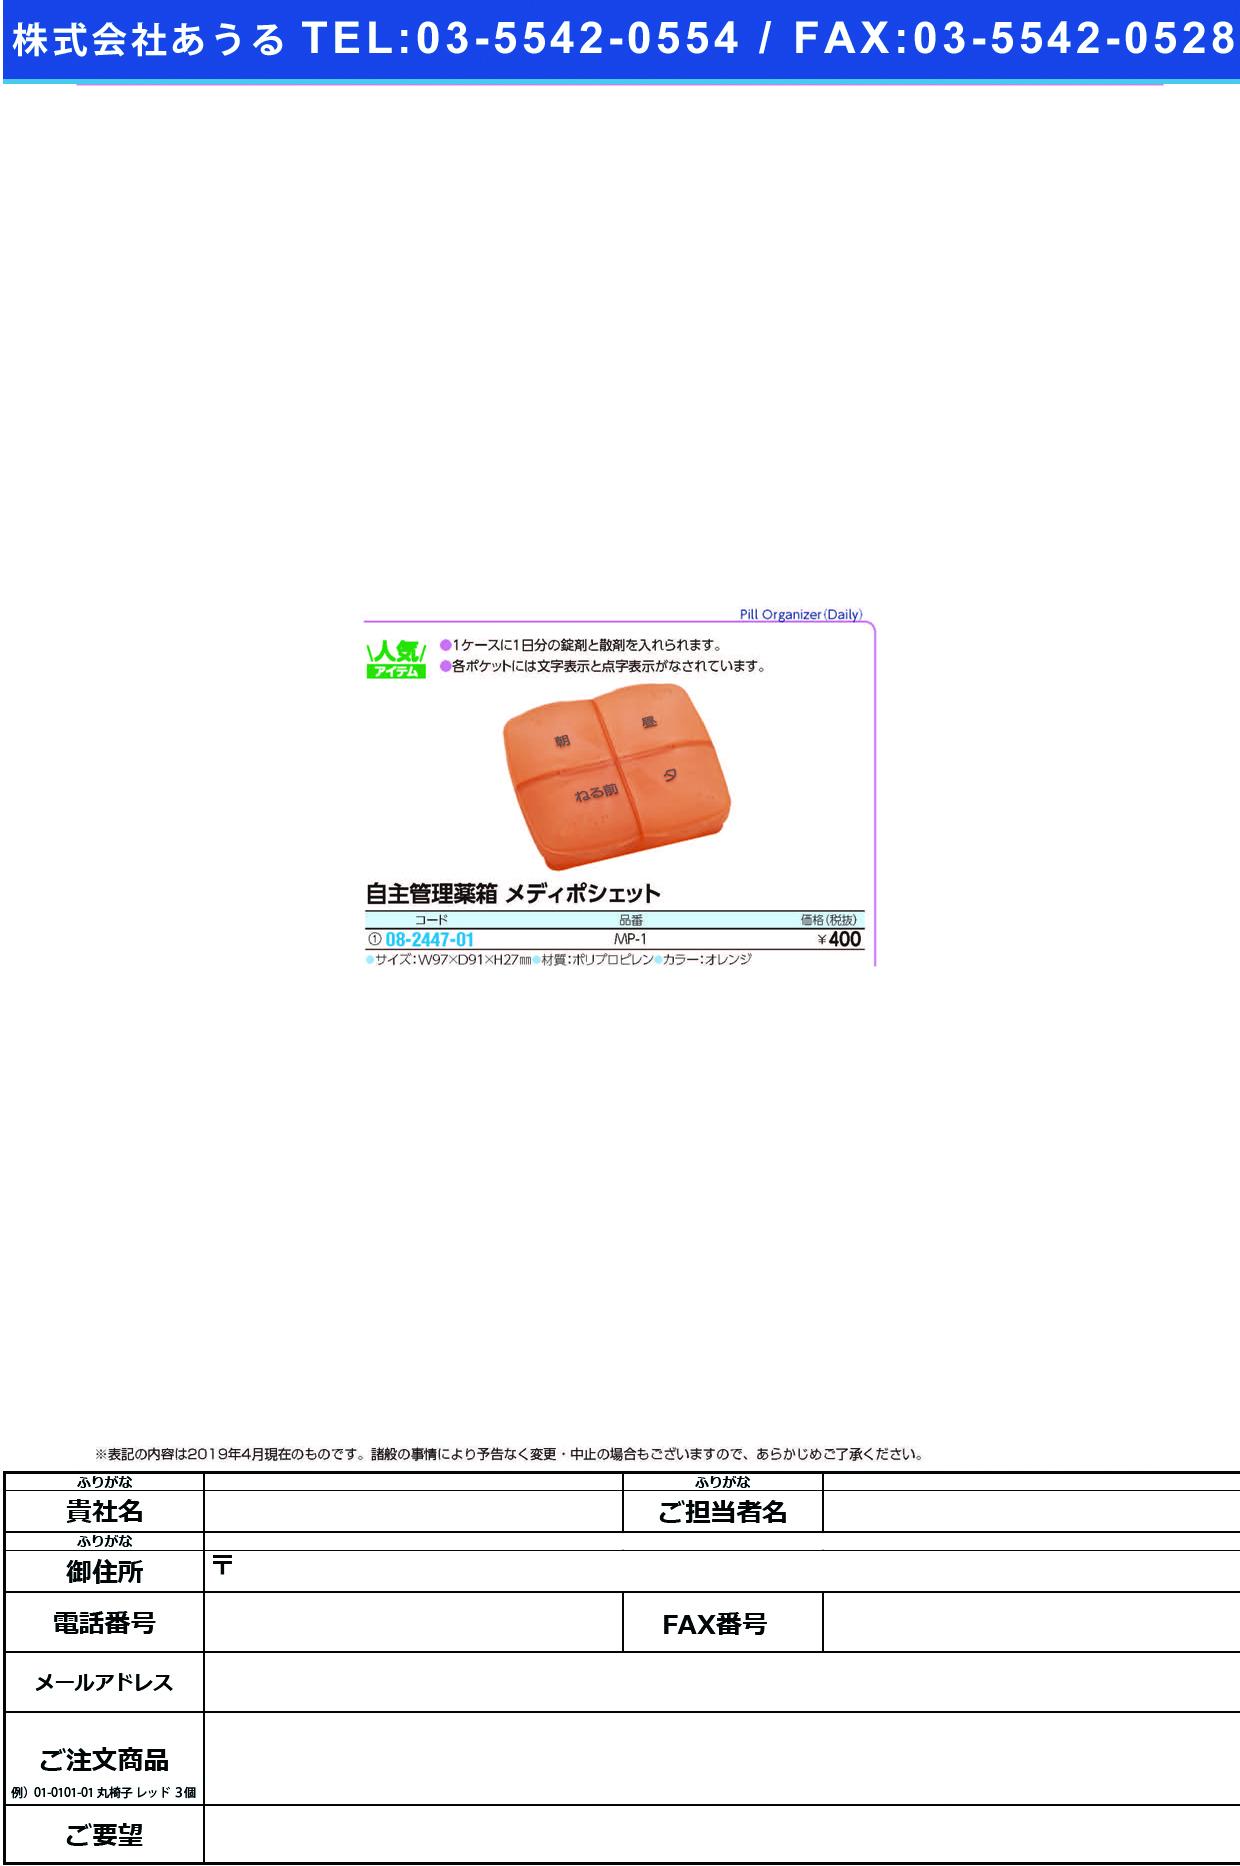 (08-2447-01)メディポシェット(自主管理薬箱) MP-1 メディポシェット(サカセ化学工業)【1個単位】【2019年カタログ商品】